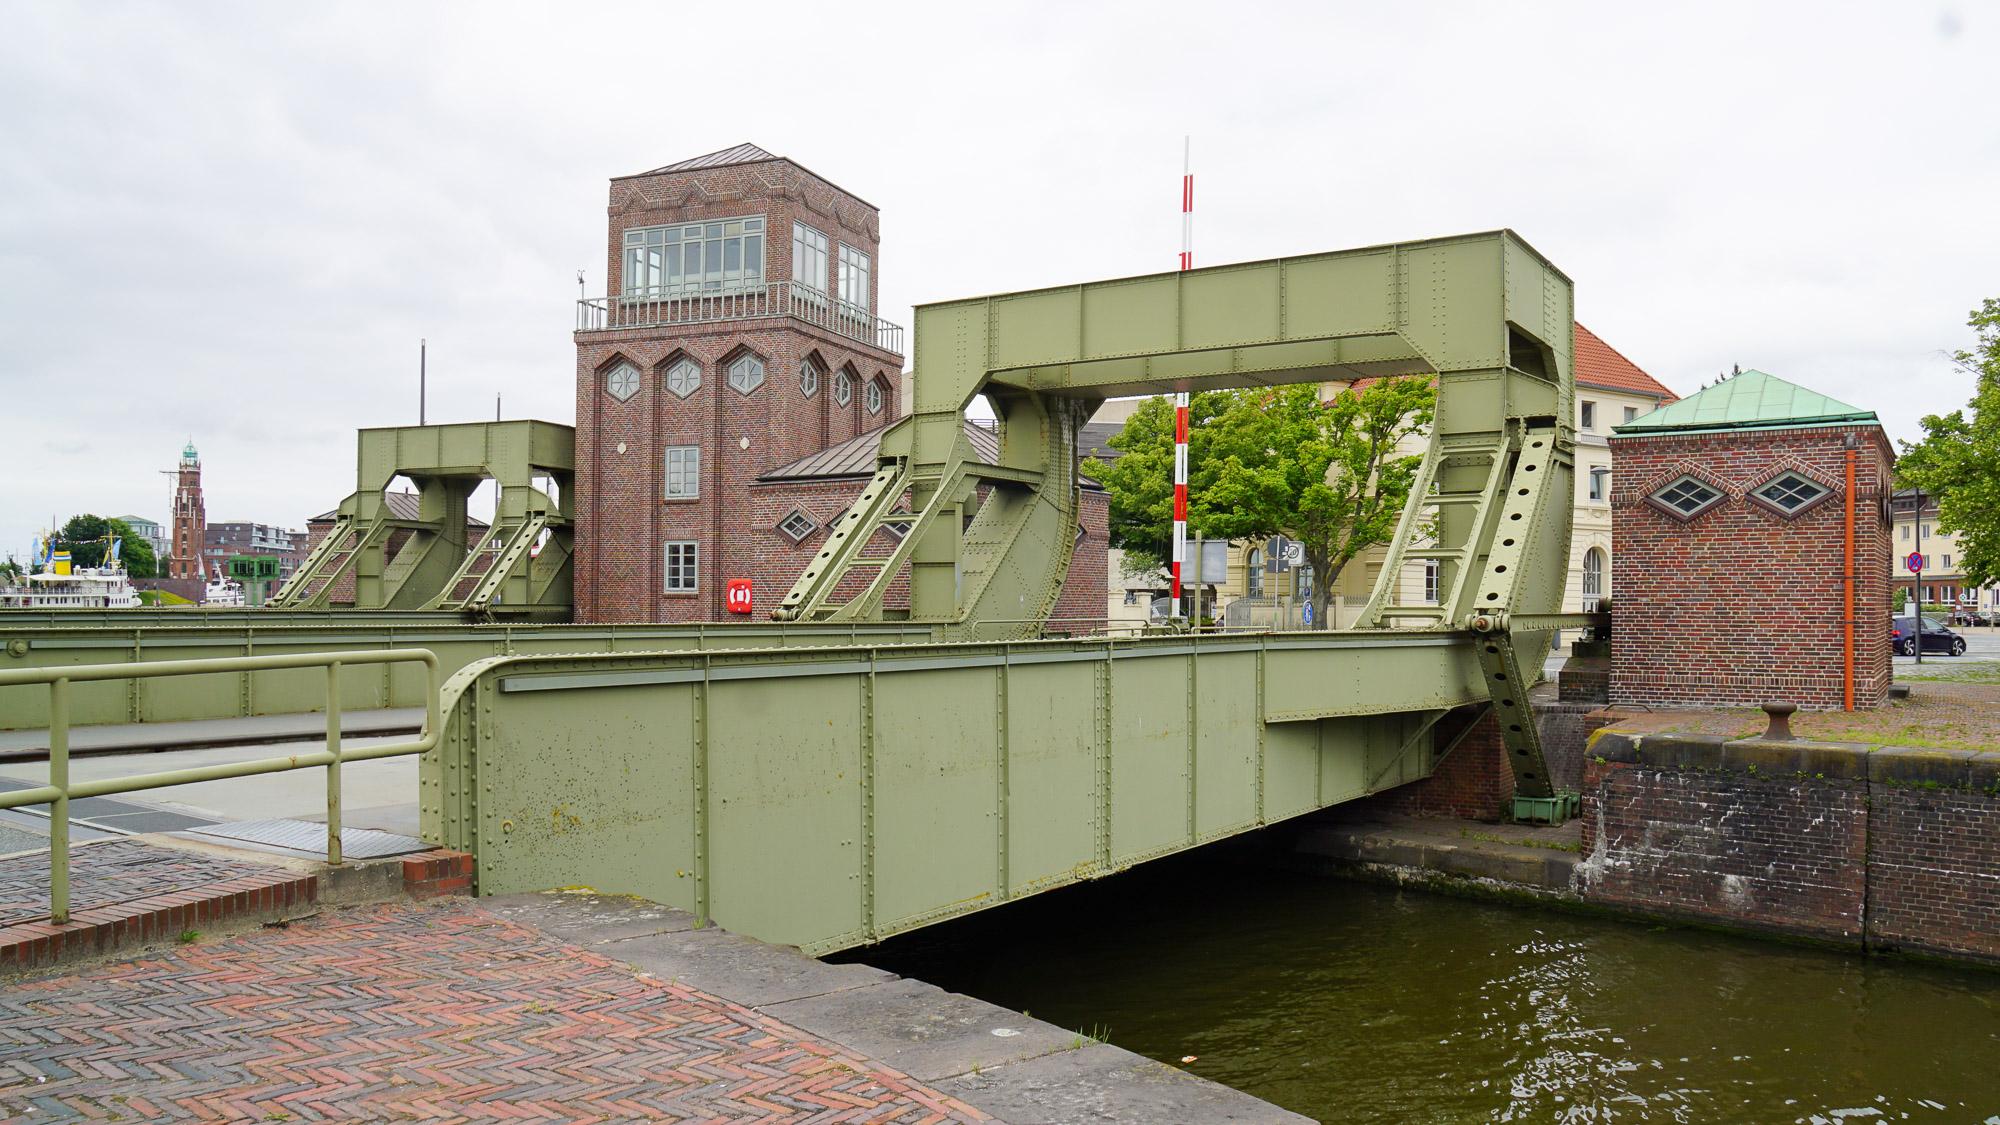 Gusseiserne doppelte Brückenkonstruktion mit Maschinenhäusern aus Backstein.